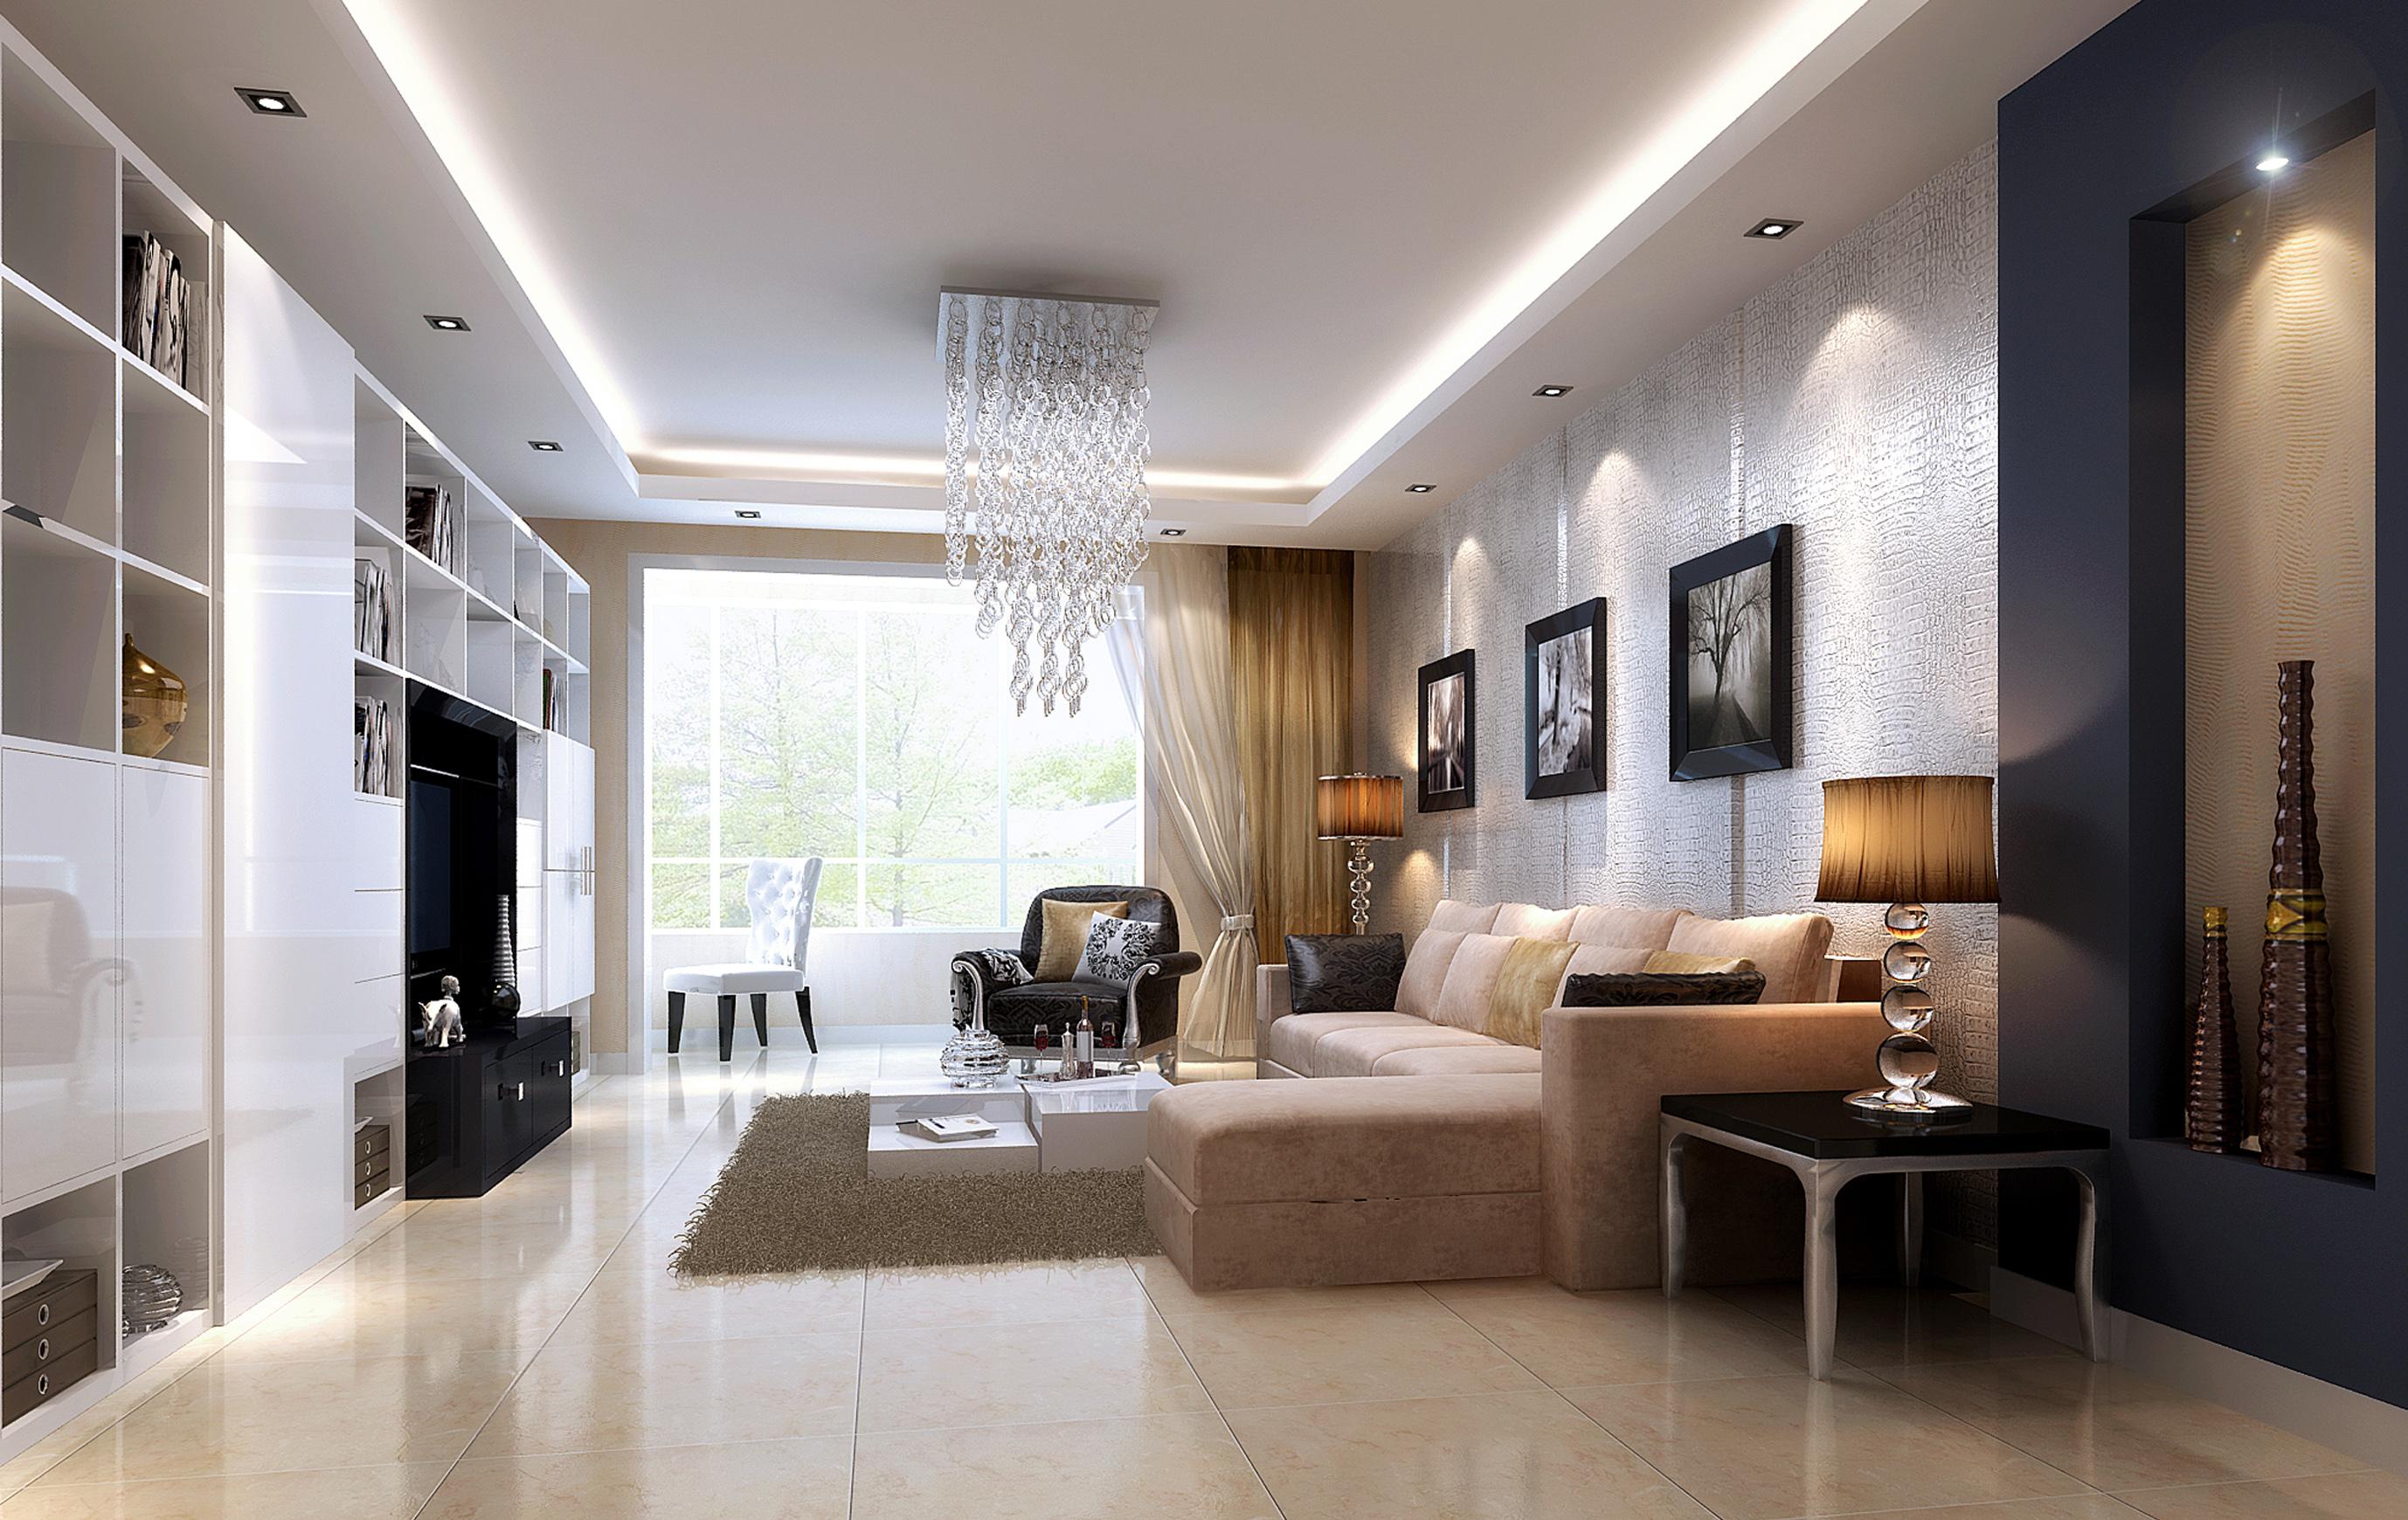 简约二居客厅装修效果图片_装修美图-新浪装修家居网